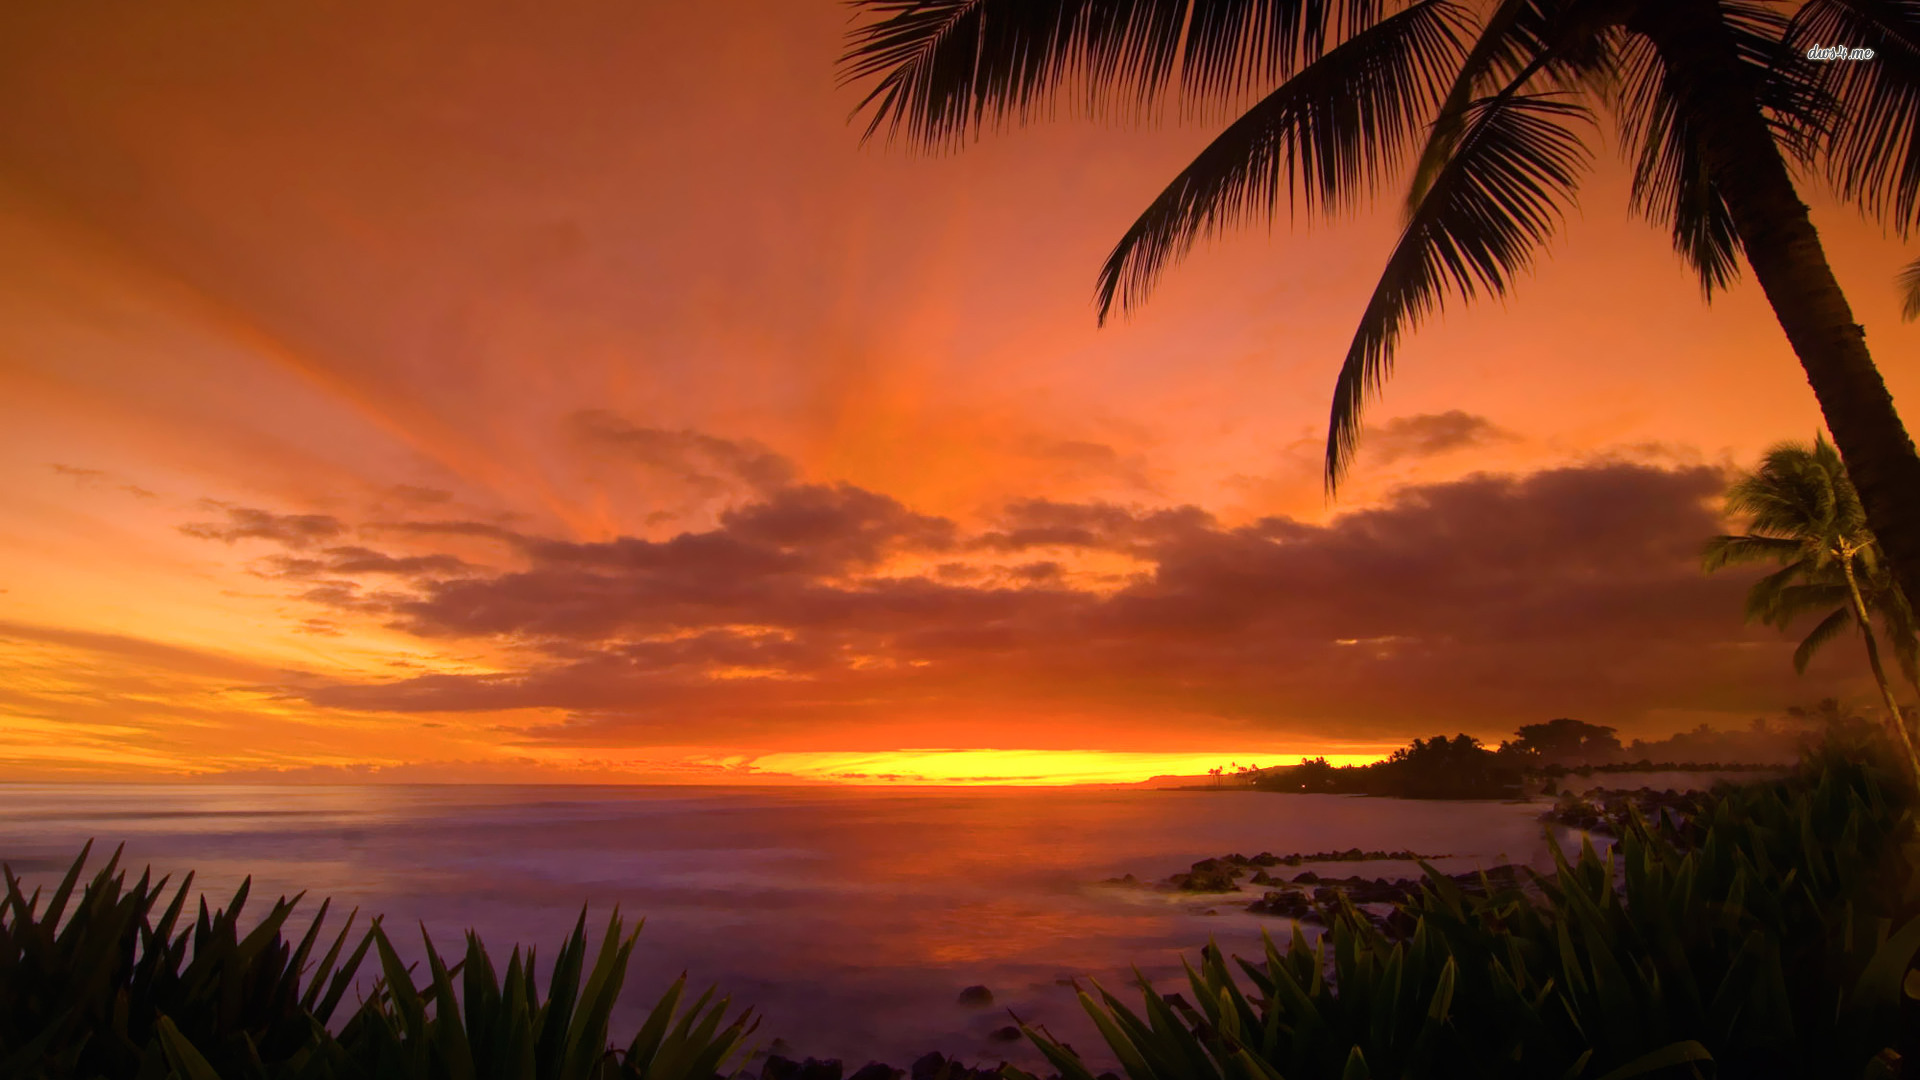 Hawaii Sunset wallpaper 1920x1080